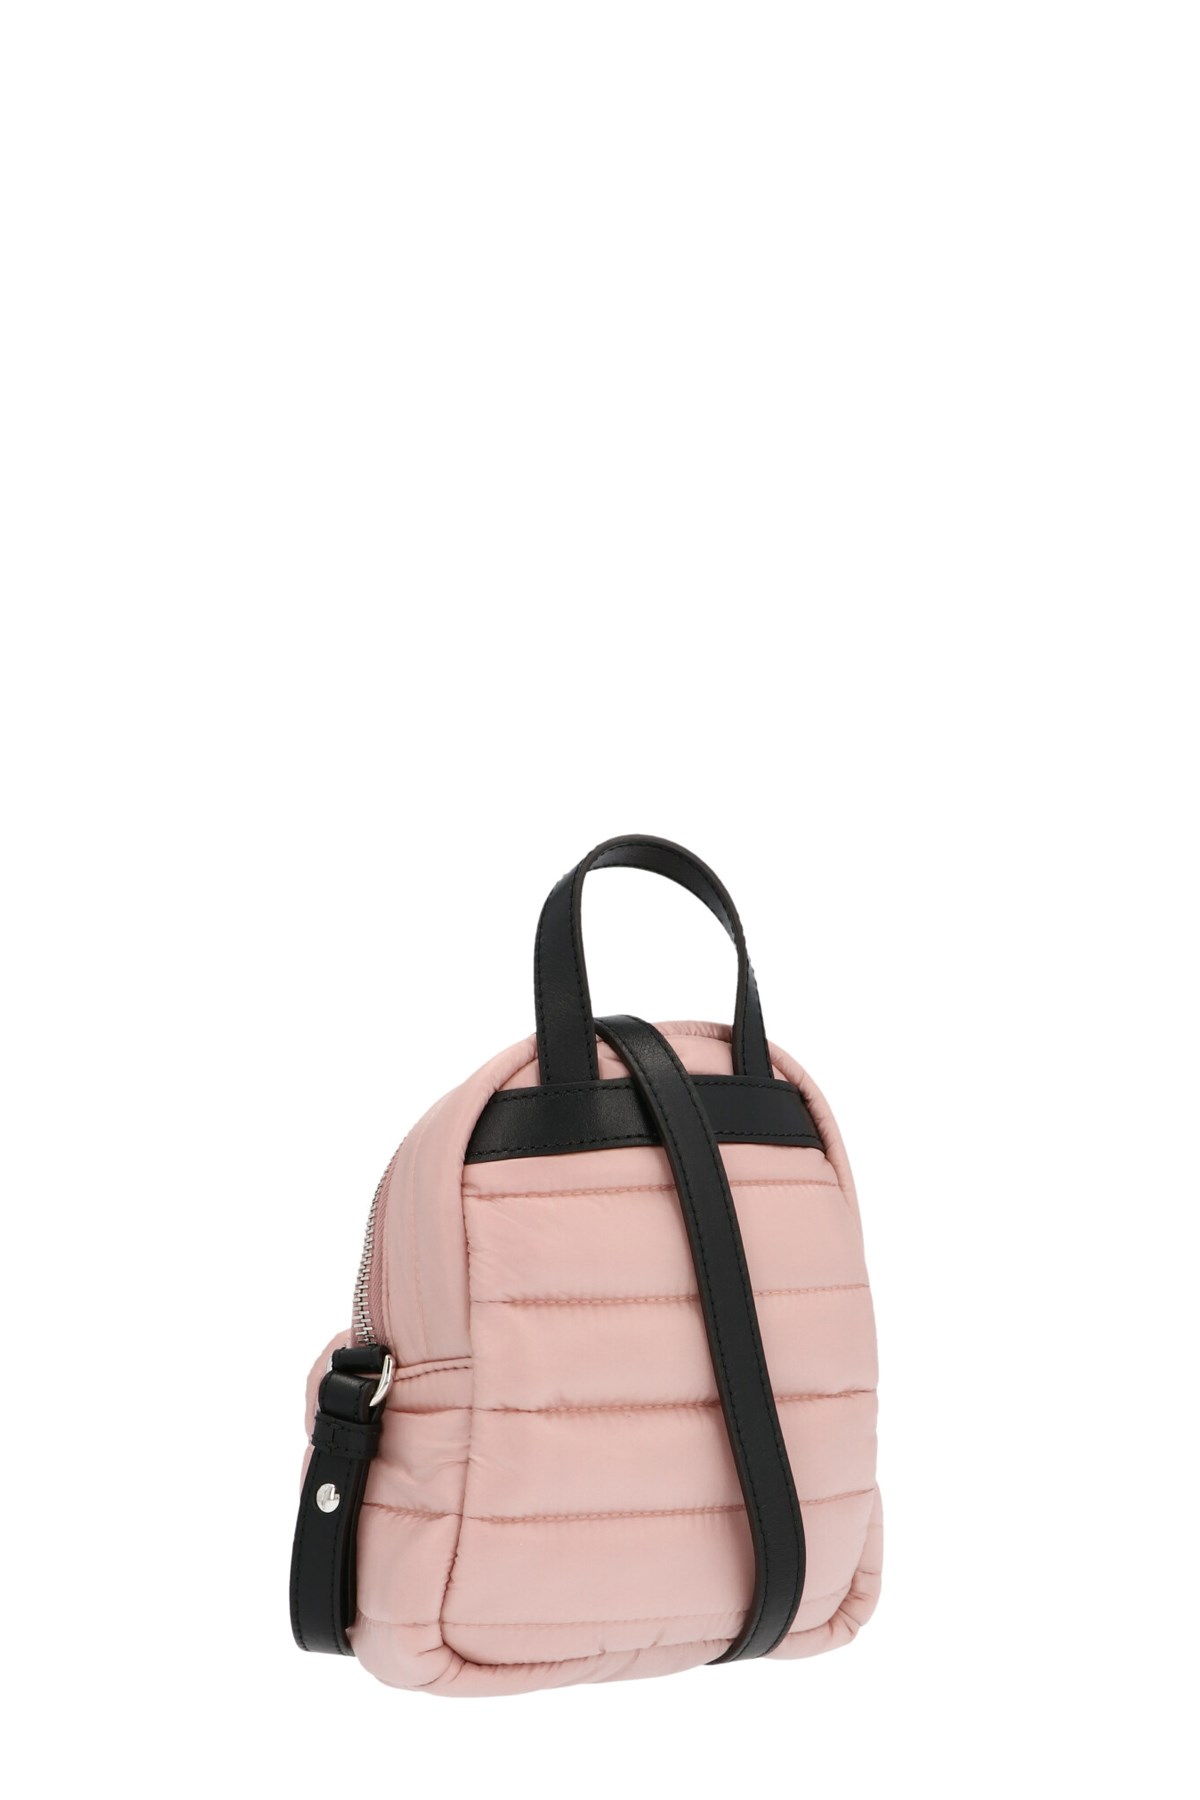 prese di fabbrica cerca l'autorizzazione stile moderno moncler Zaino 'Mini kilia' su www.julian-fashion.com - 118859 - IT